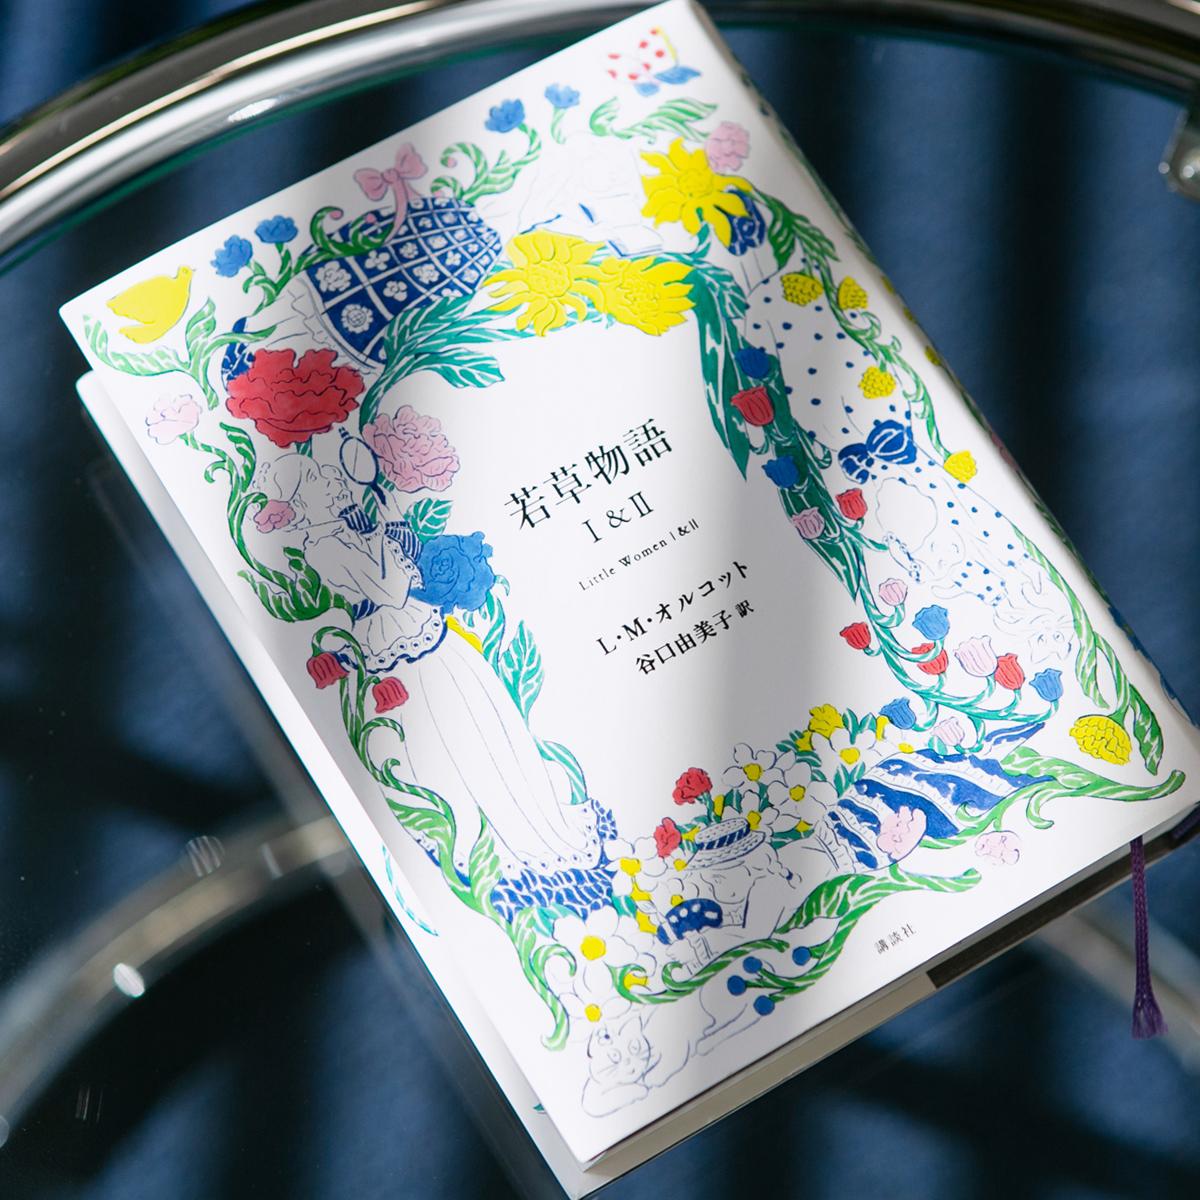 映画『ストーリー・オブ・マイライフ/わたしの若草物語』。翻訳家、谷口由美子さんインタビュー「生き方は、みんな違っていい」。